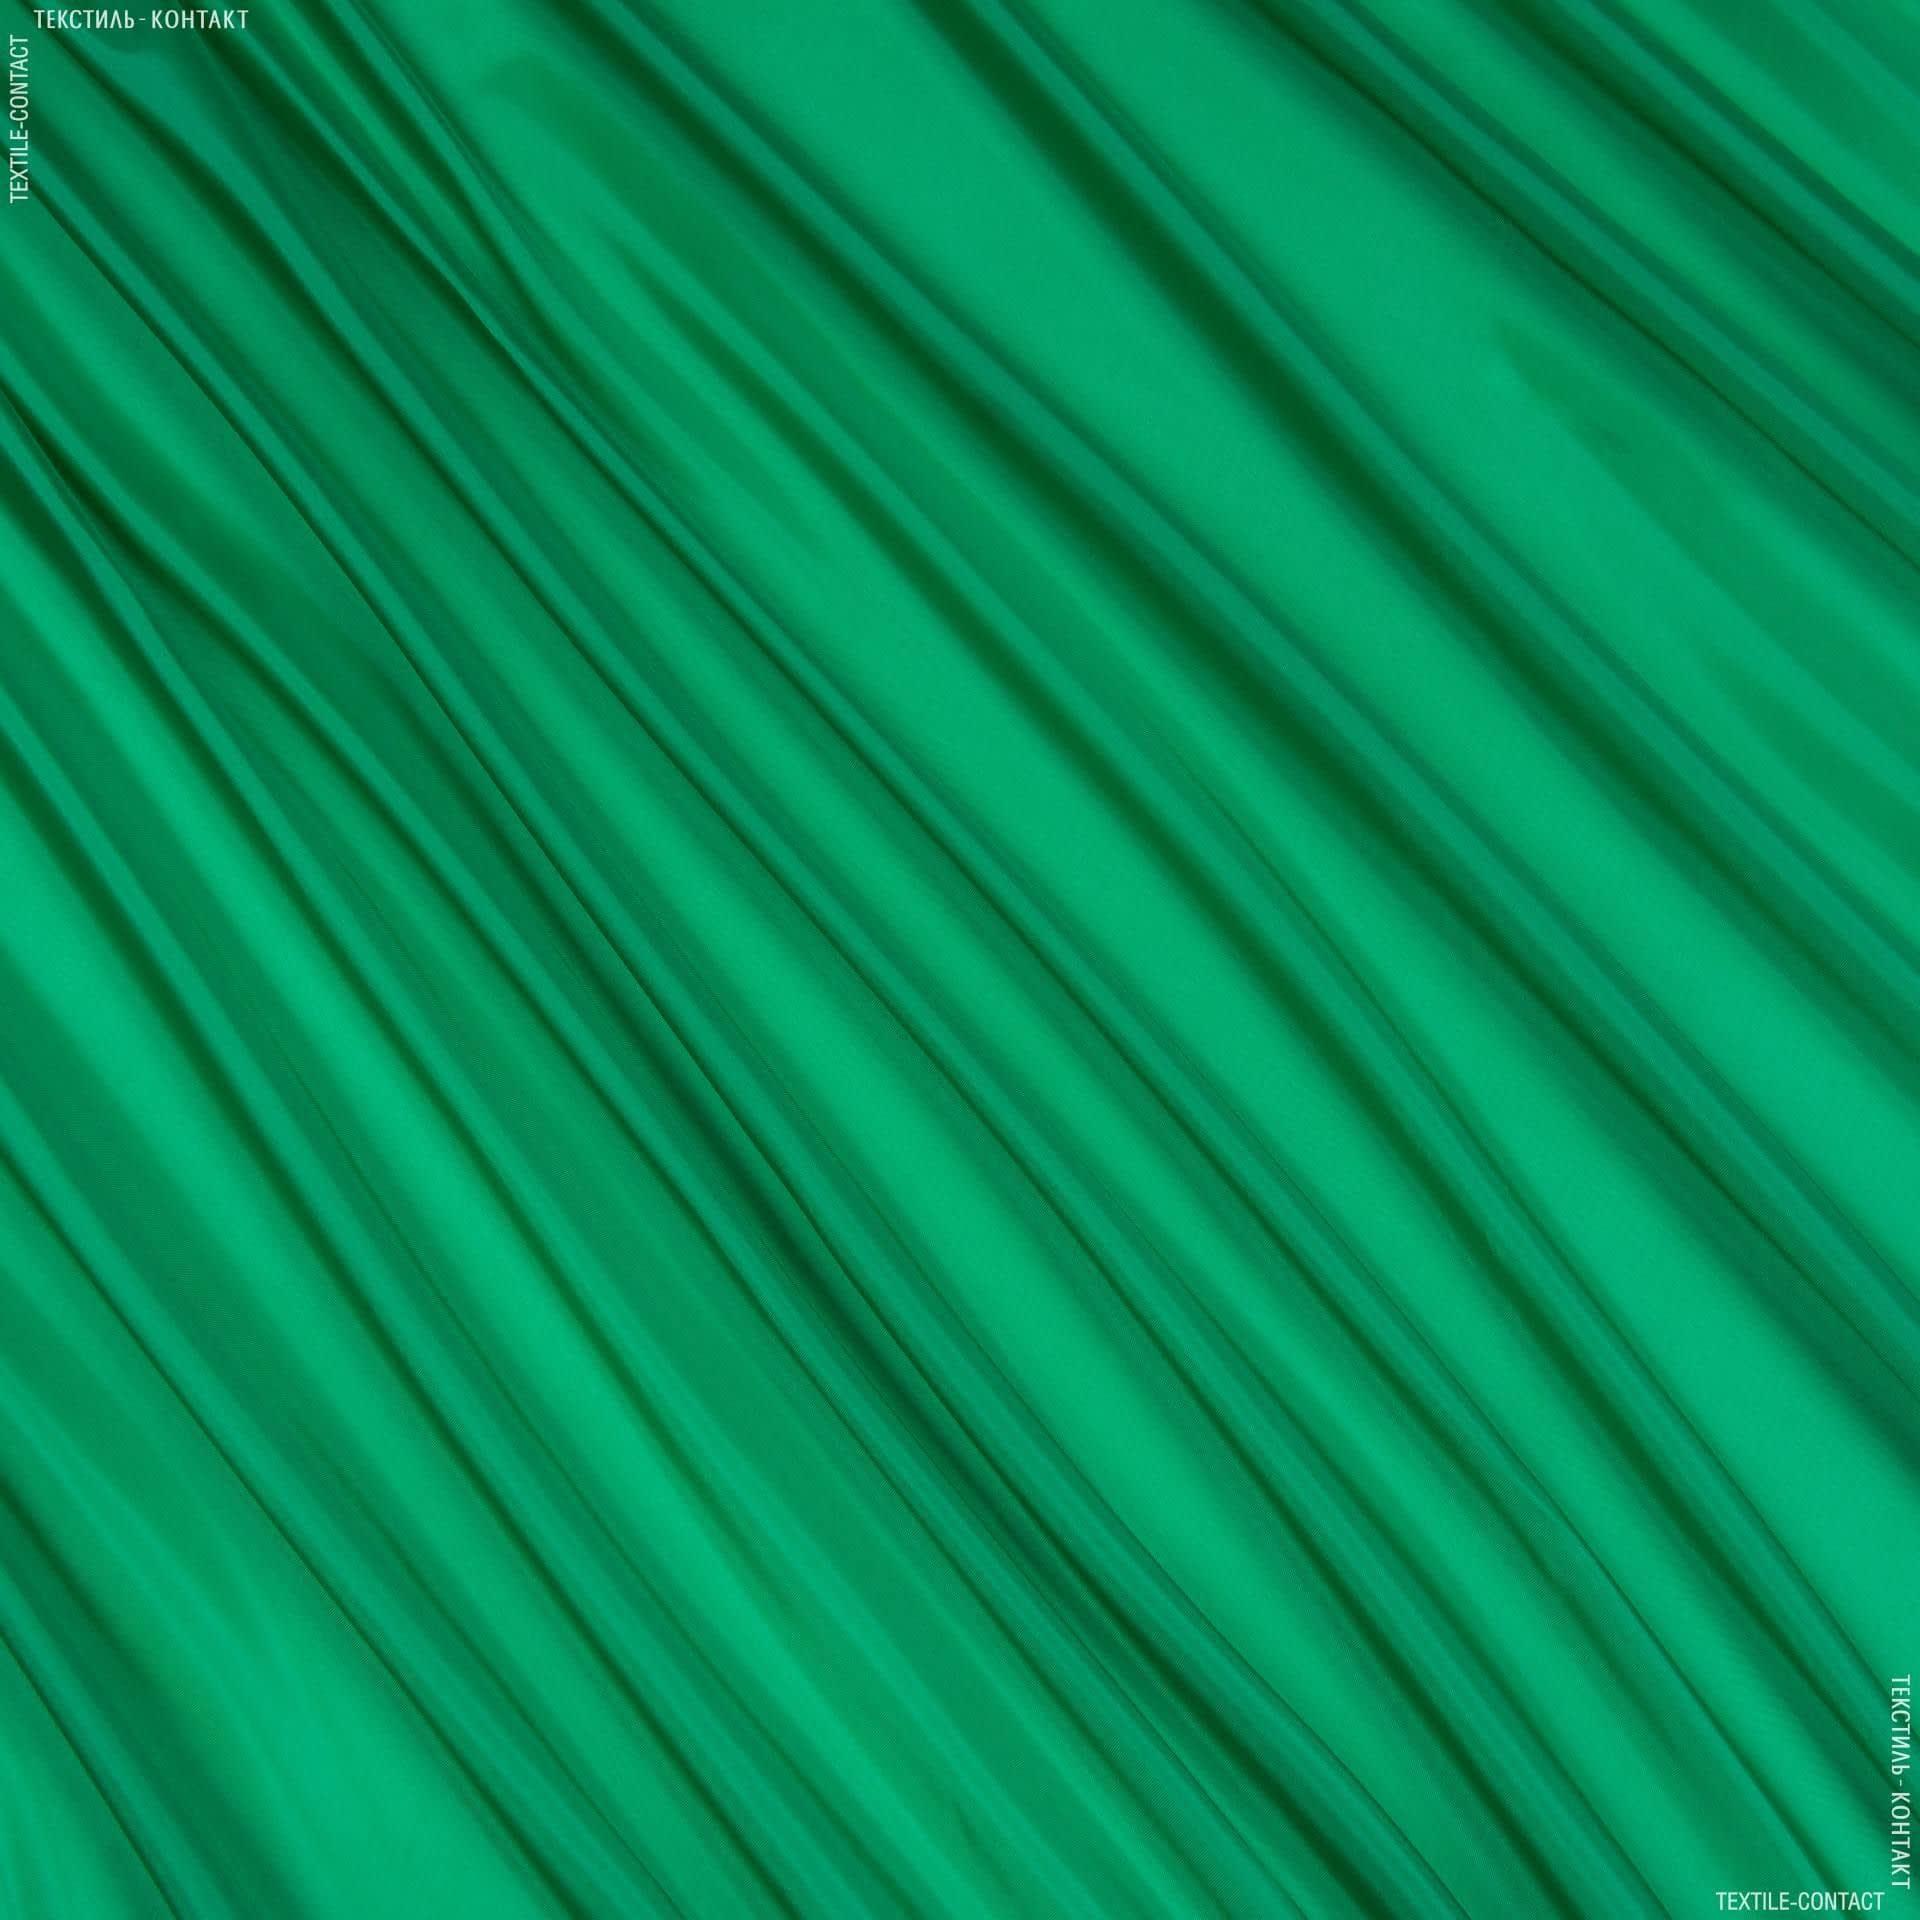 Тканини підкладкова тканина - Підкладка 190т зелений